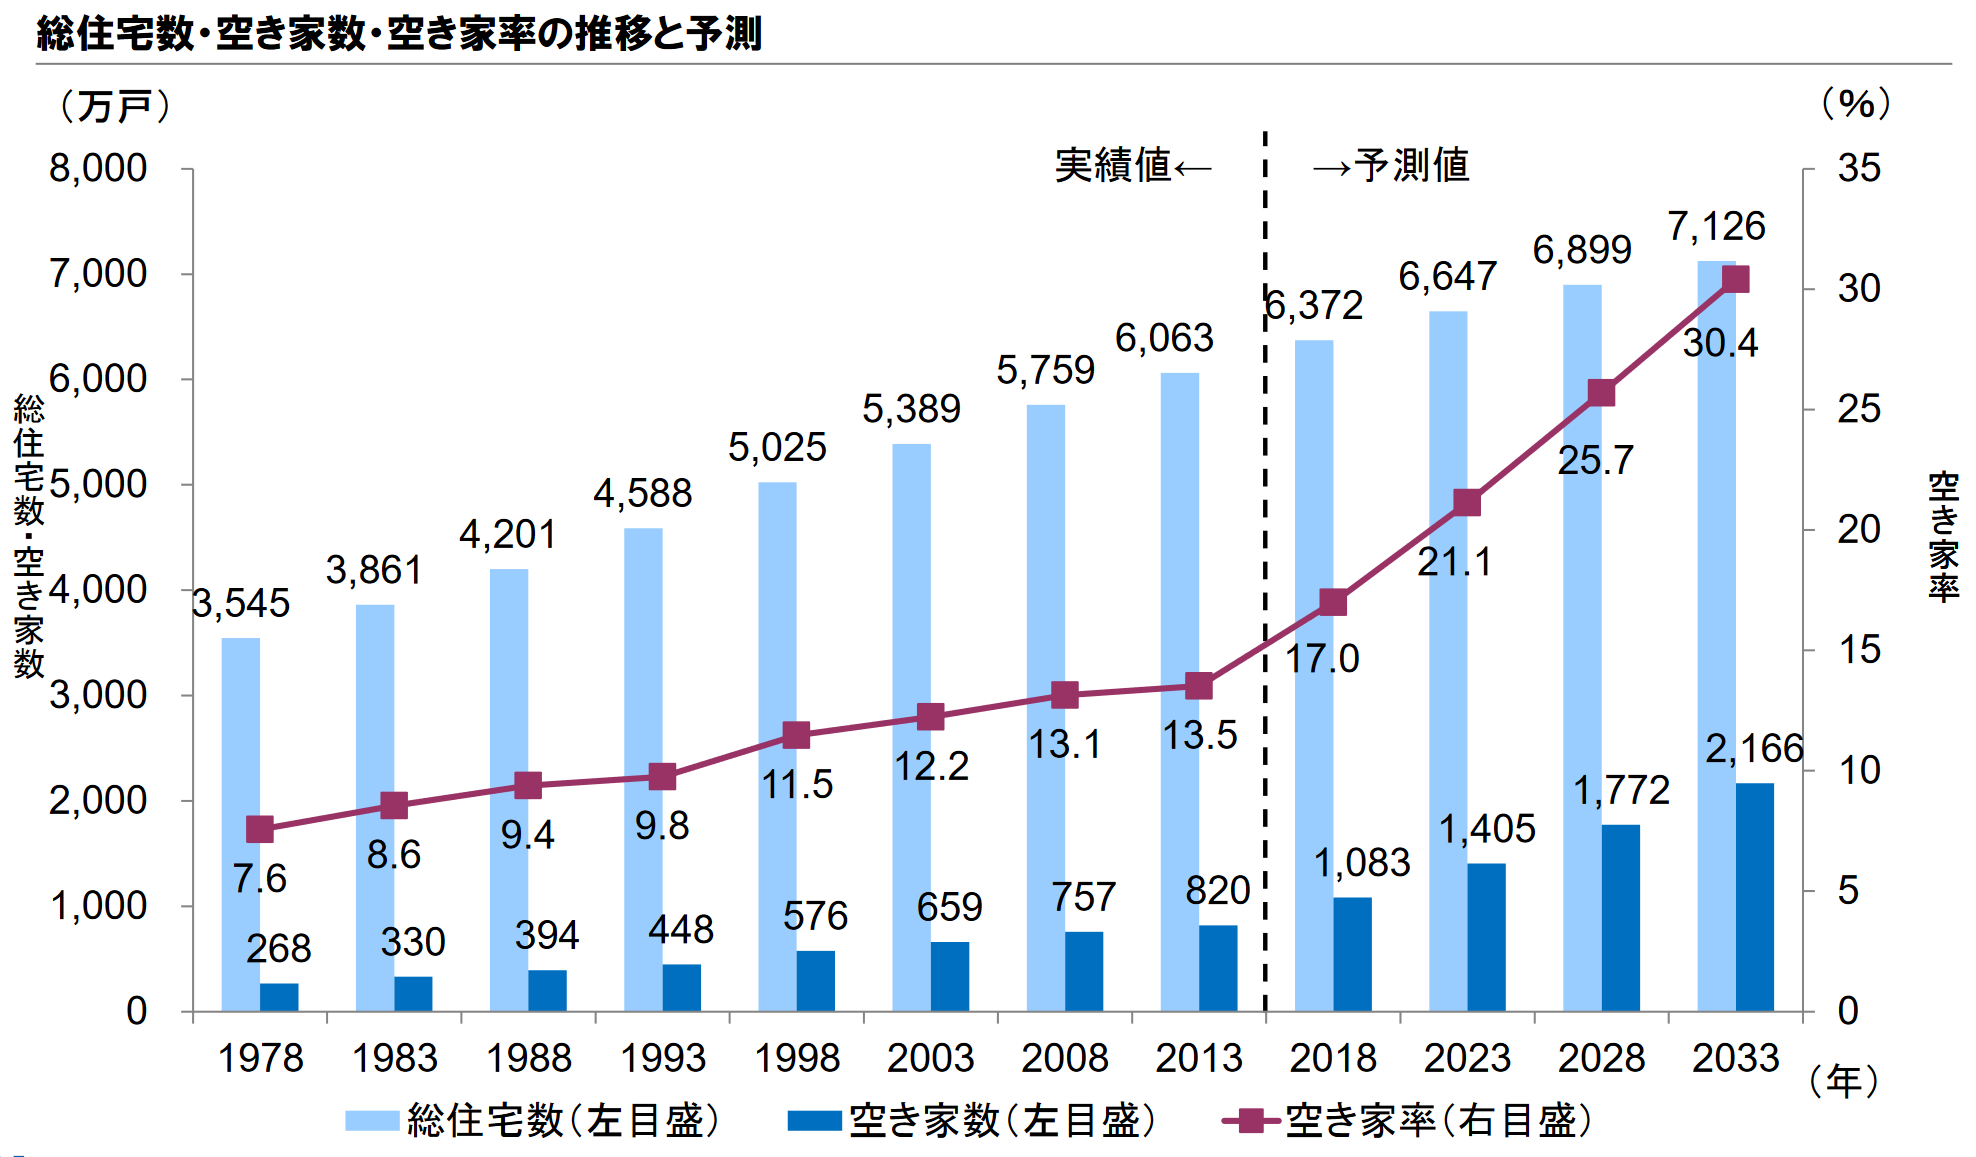 野村総合研究所による2023年以降の空き家率の予測